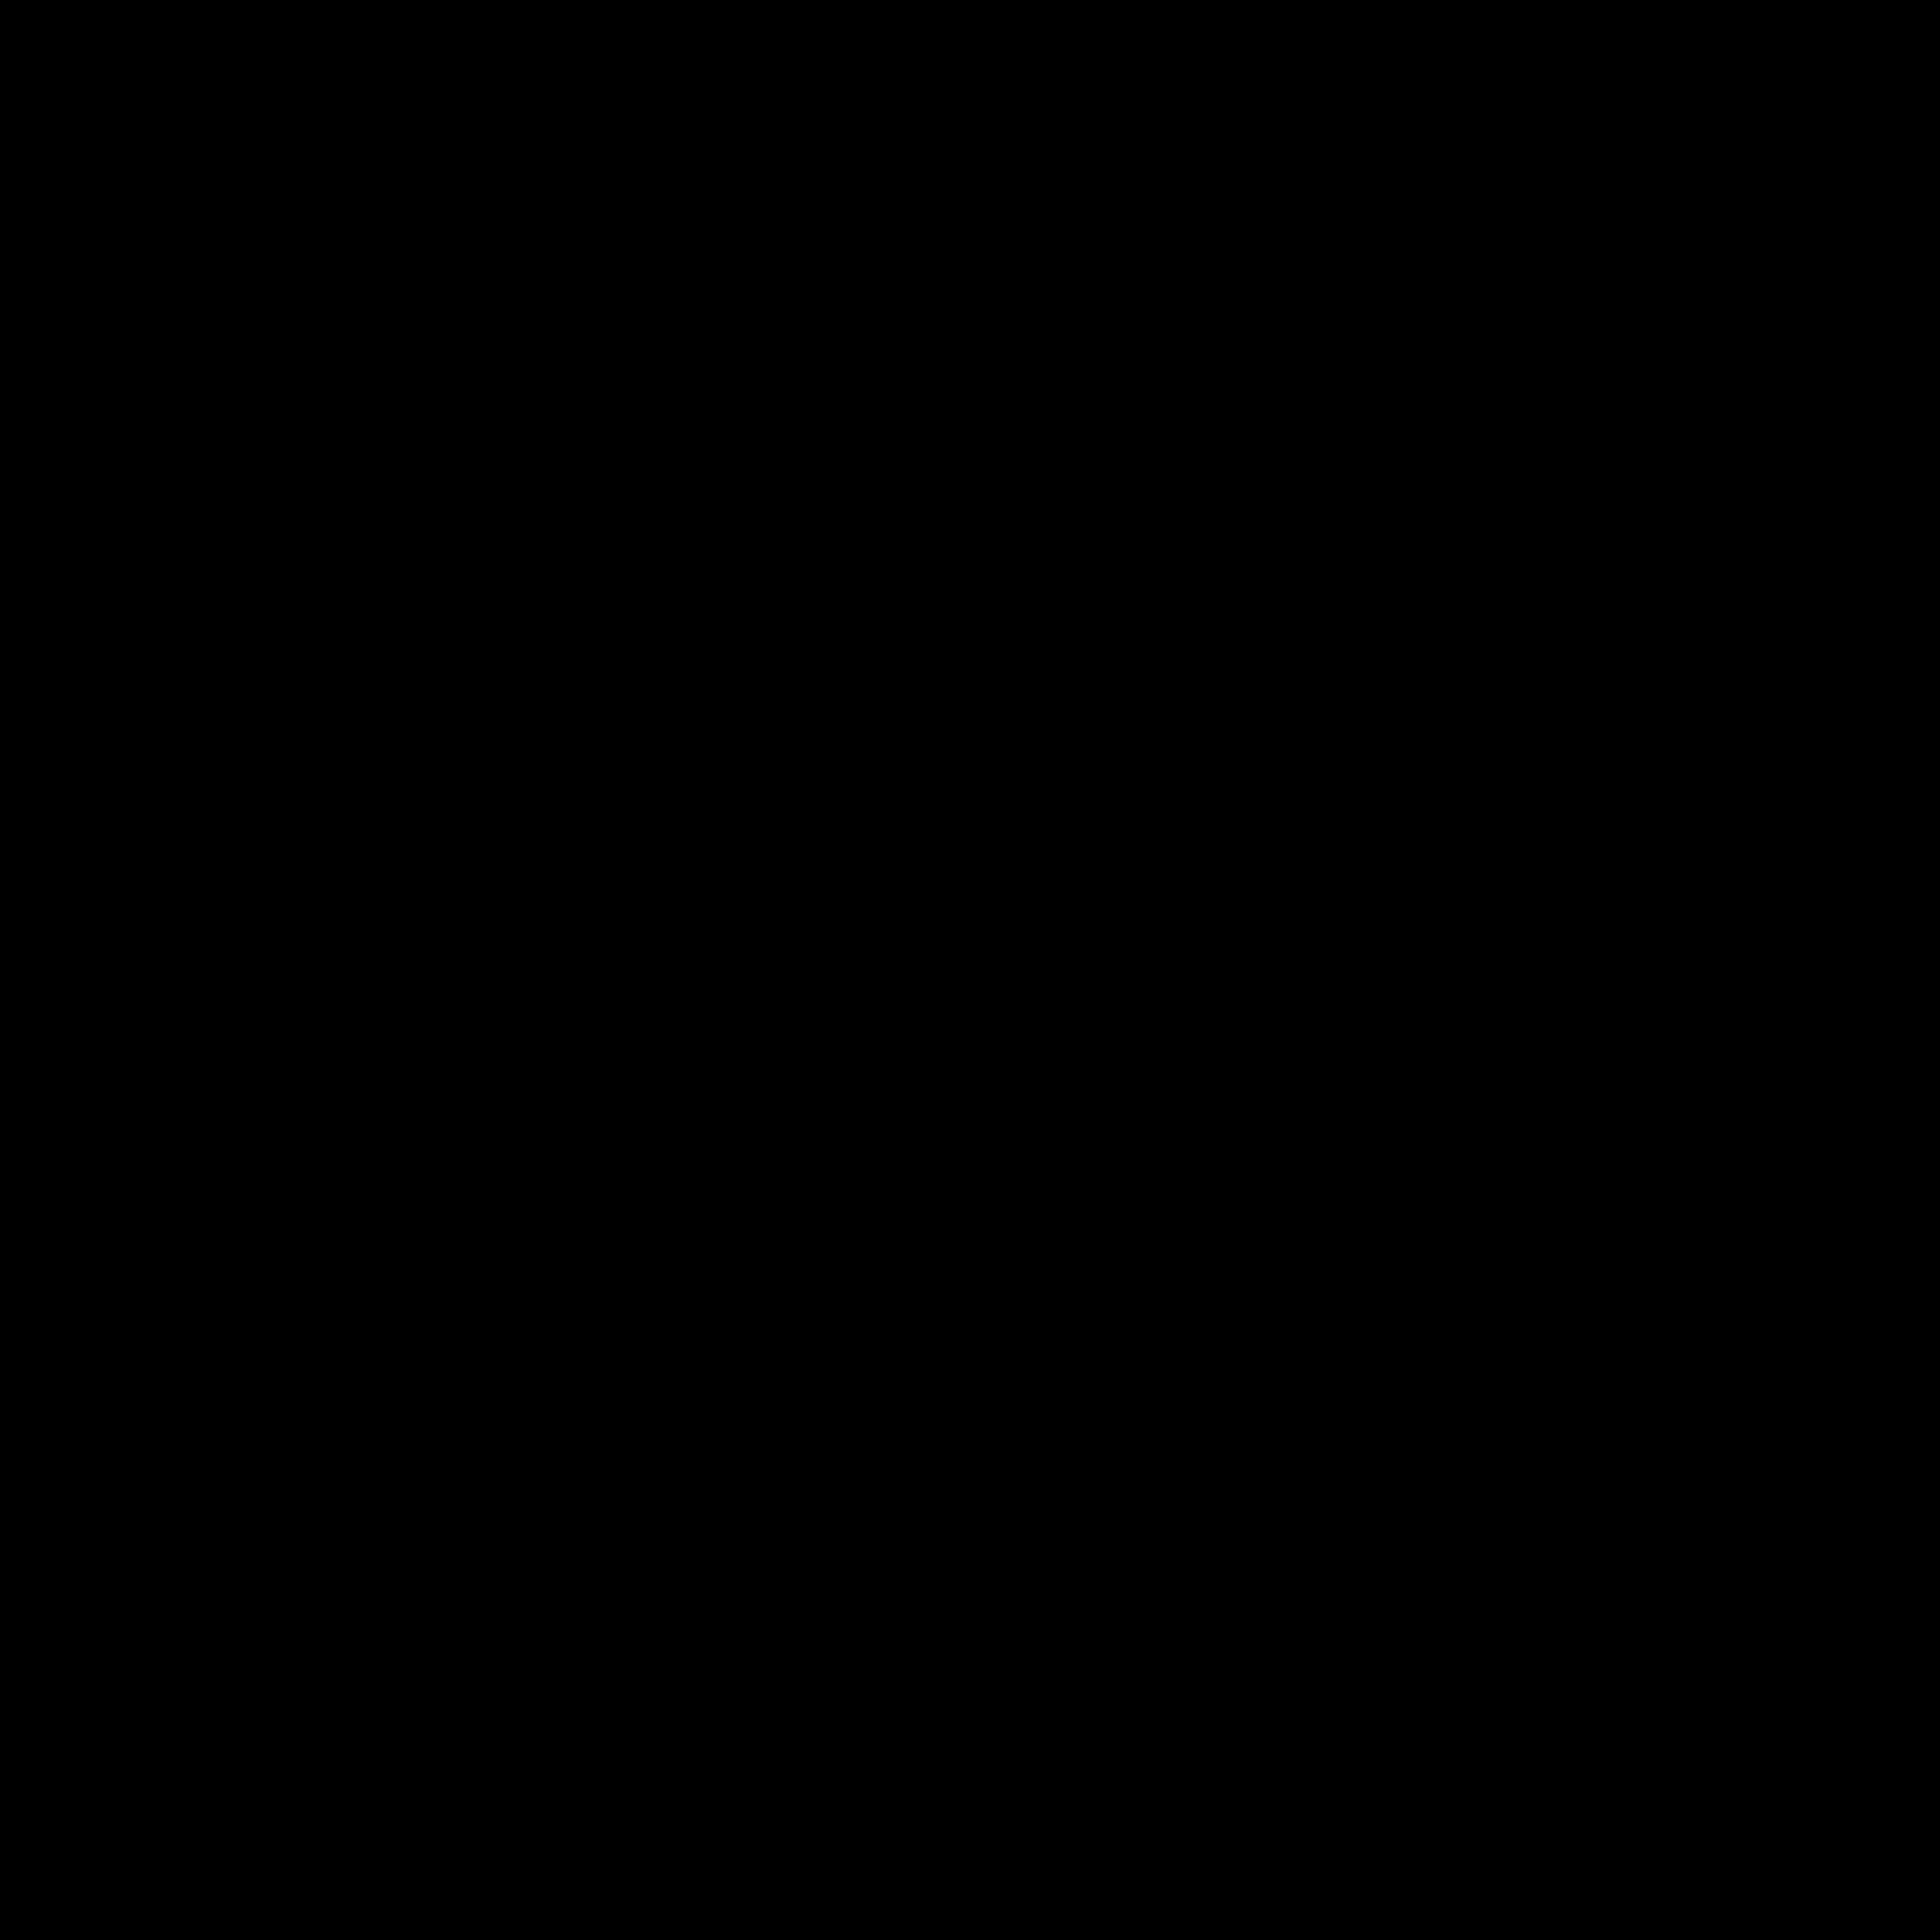 aoc logo 0 - AOC Logo